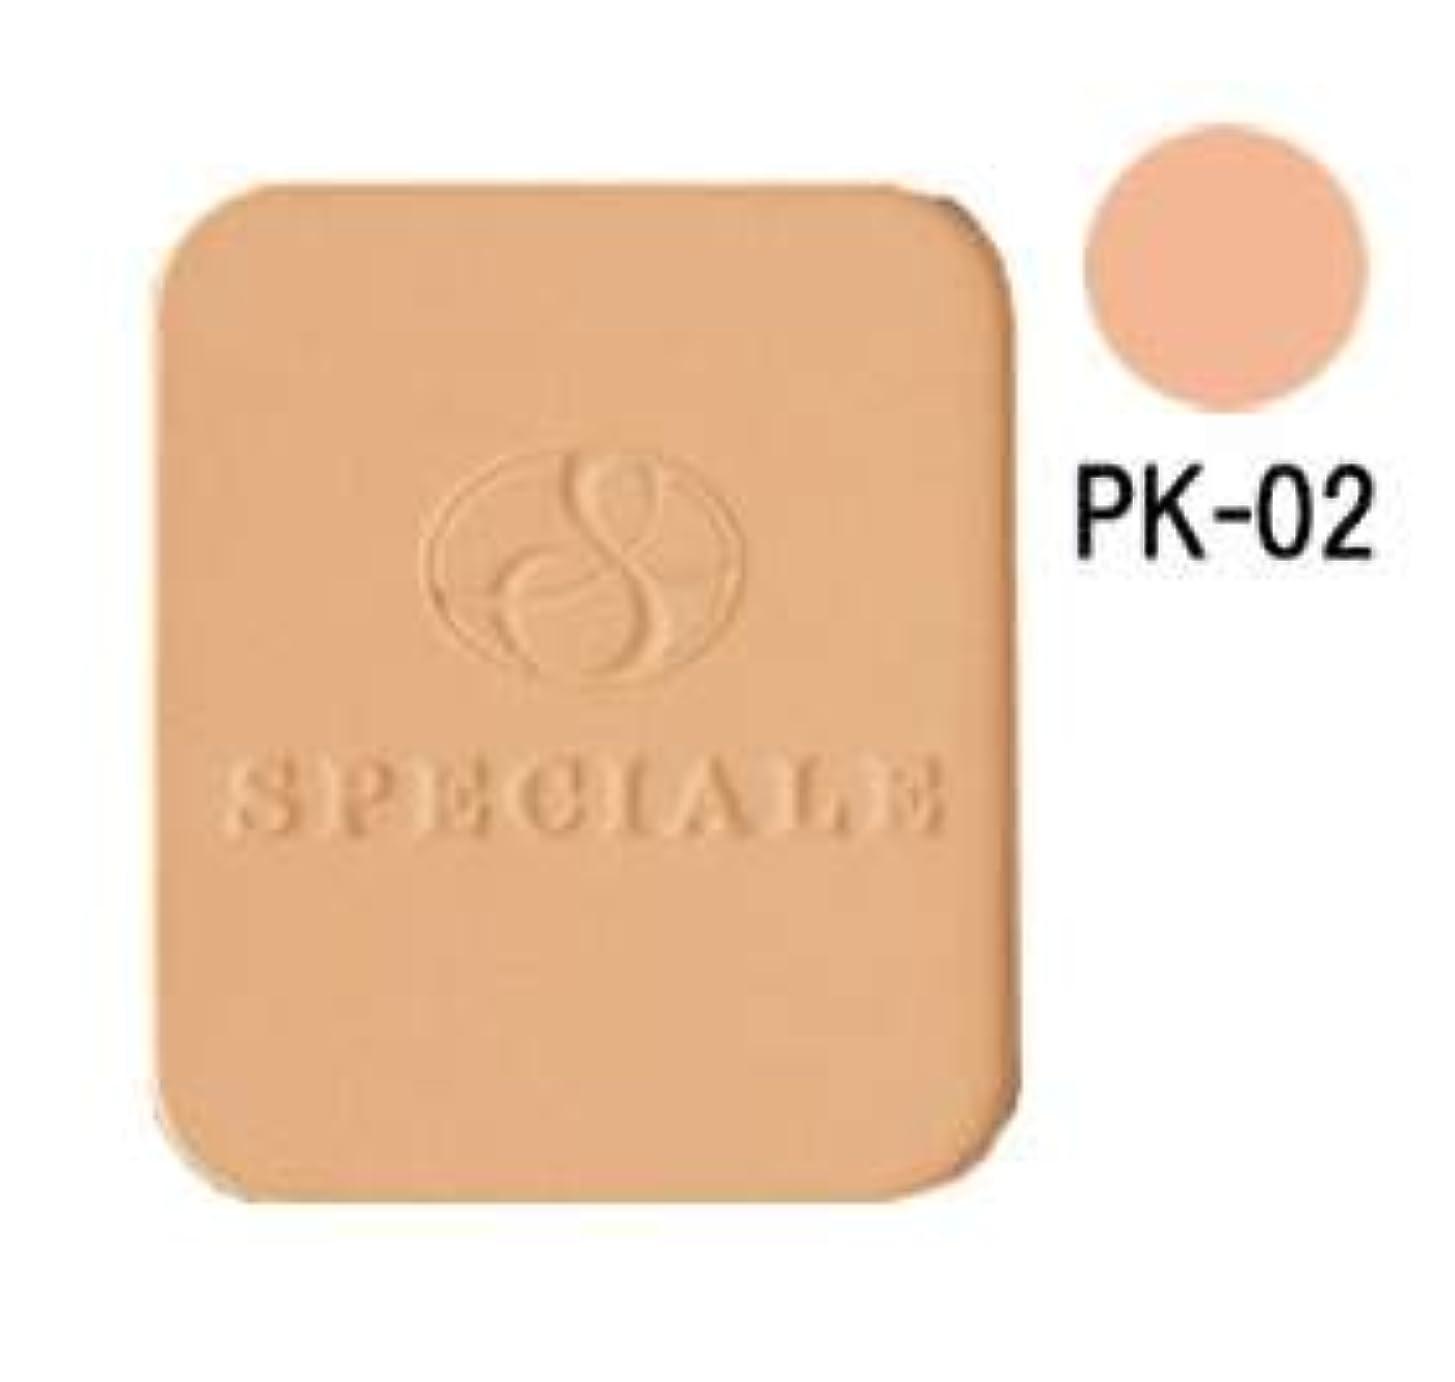 建築増幅重要なノエビア スペチアーレ グロウコンパクト PK-02(リフィール/スポンジ付)(13g)